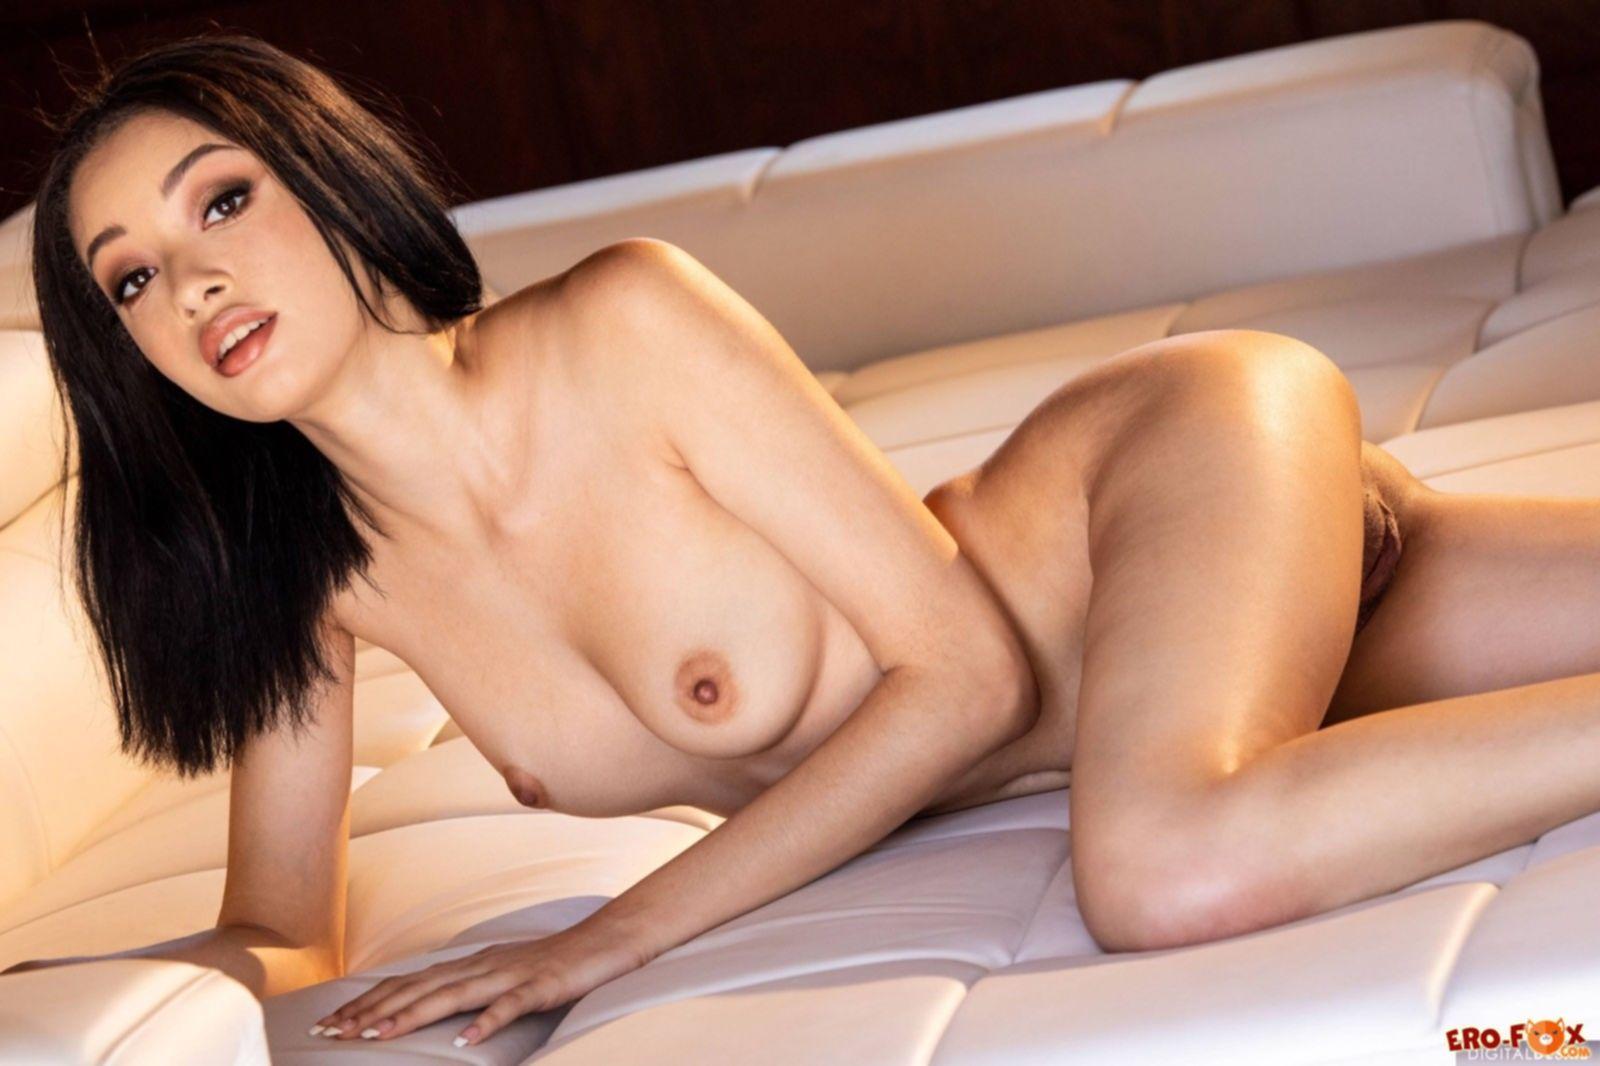 Сексуальная девушка красиво показывает голое тело - фото